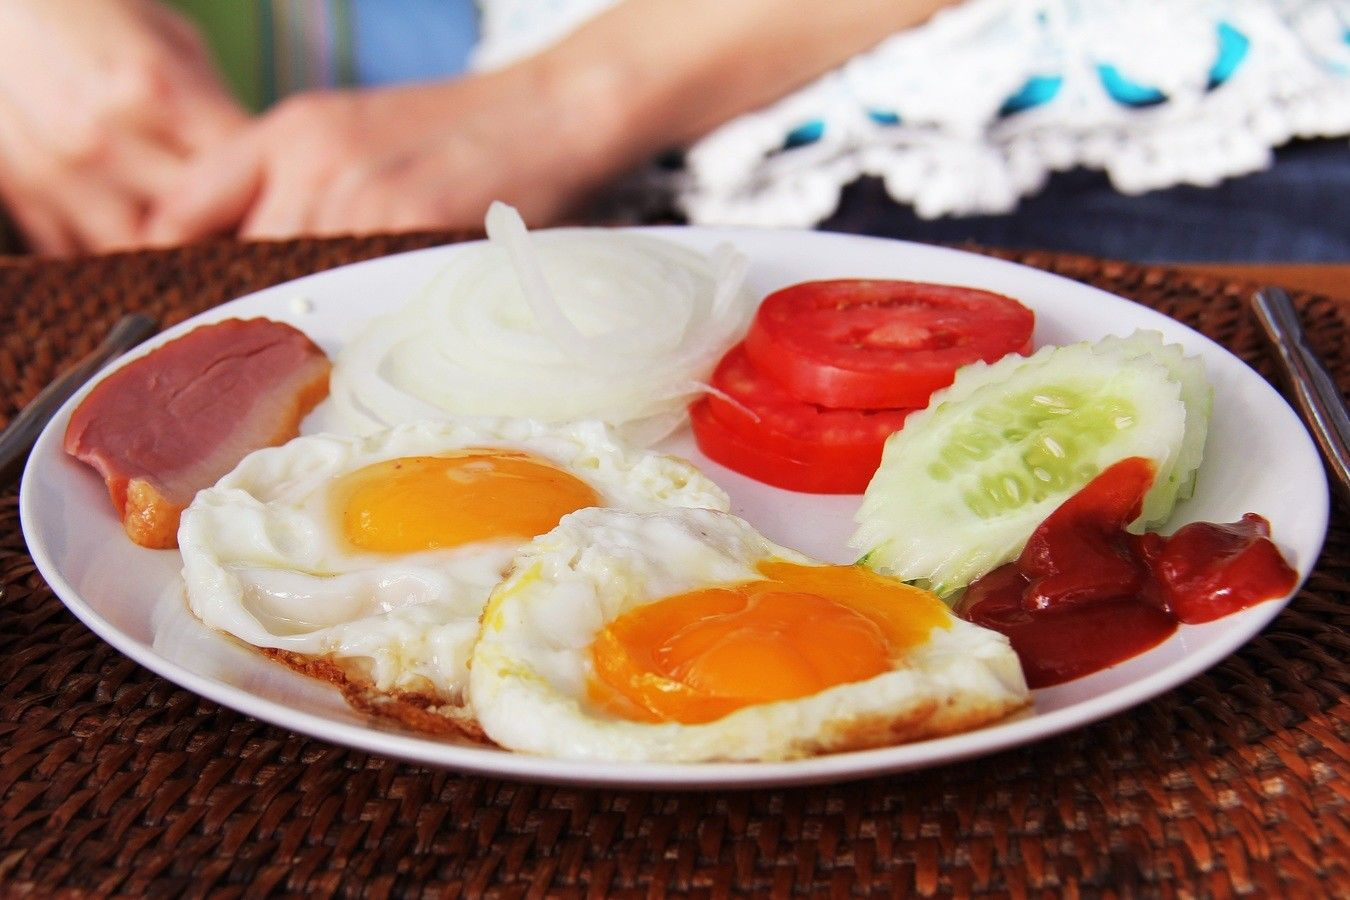 Makan Telur Gak Bikin Gemuk Lho, Nih 4 Fakta yang Perlu Kamu Tahu!